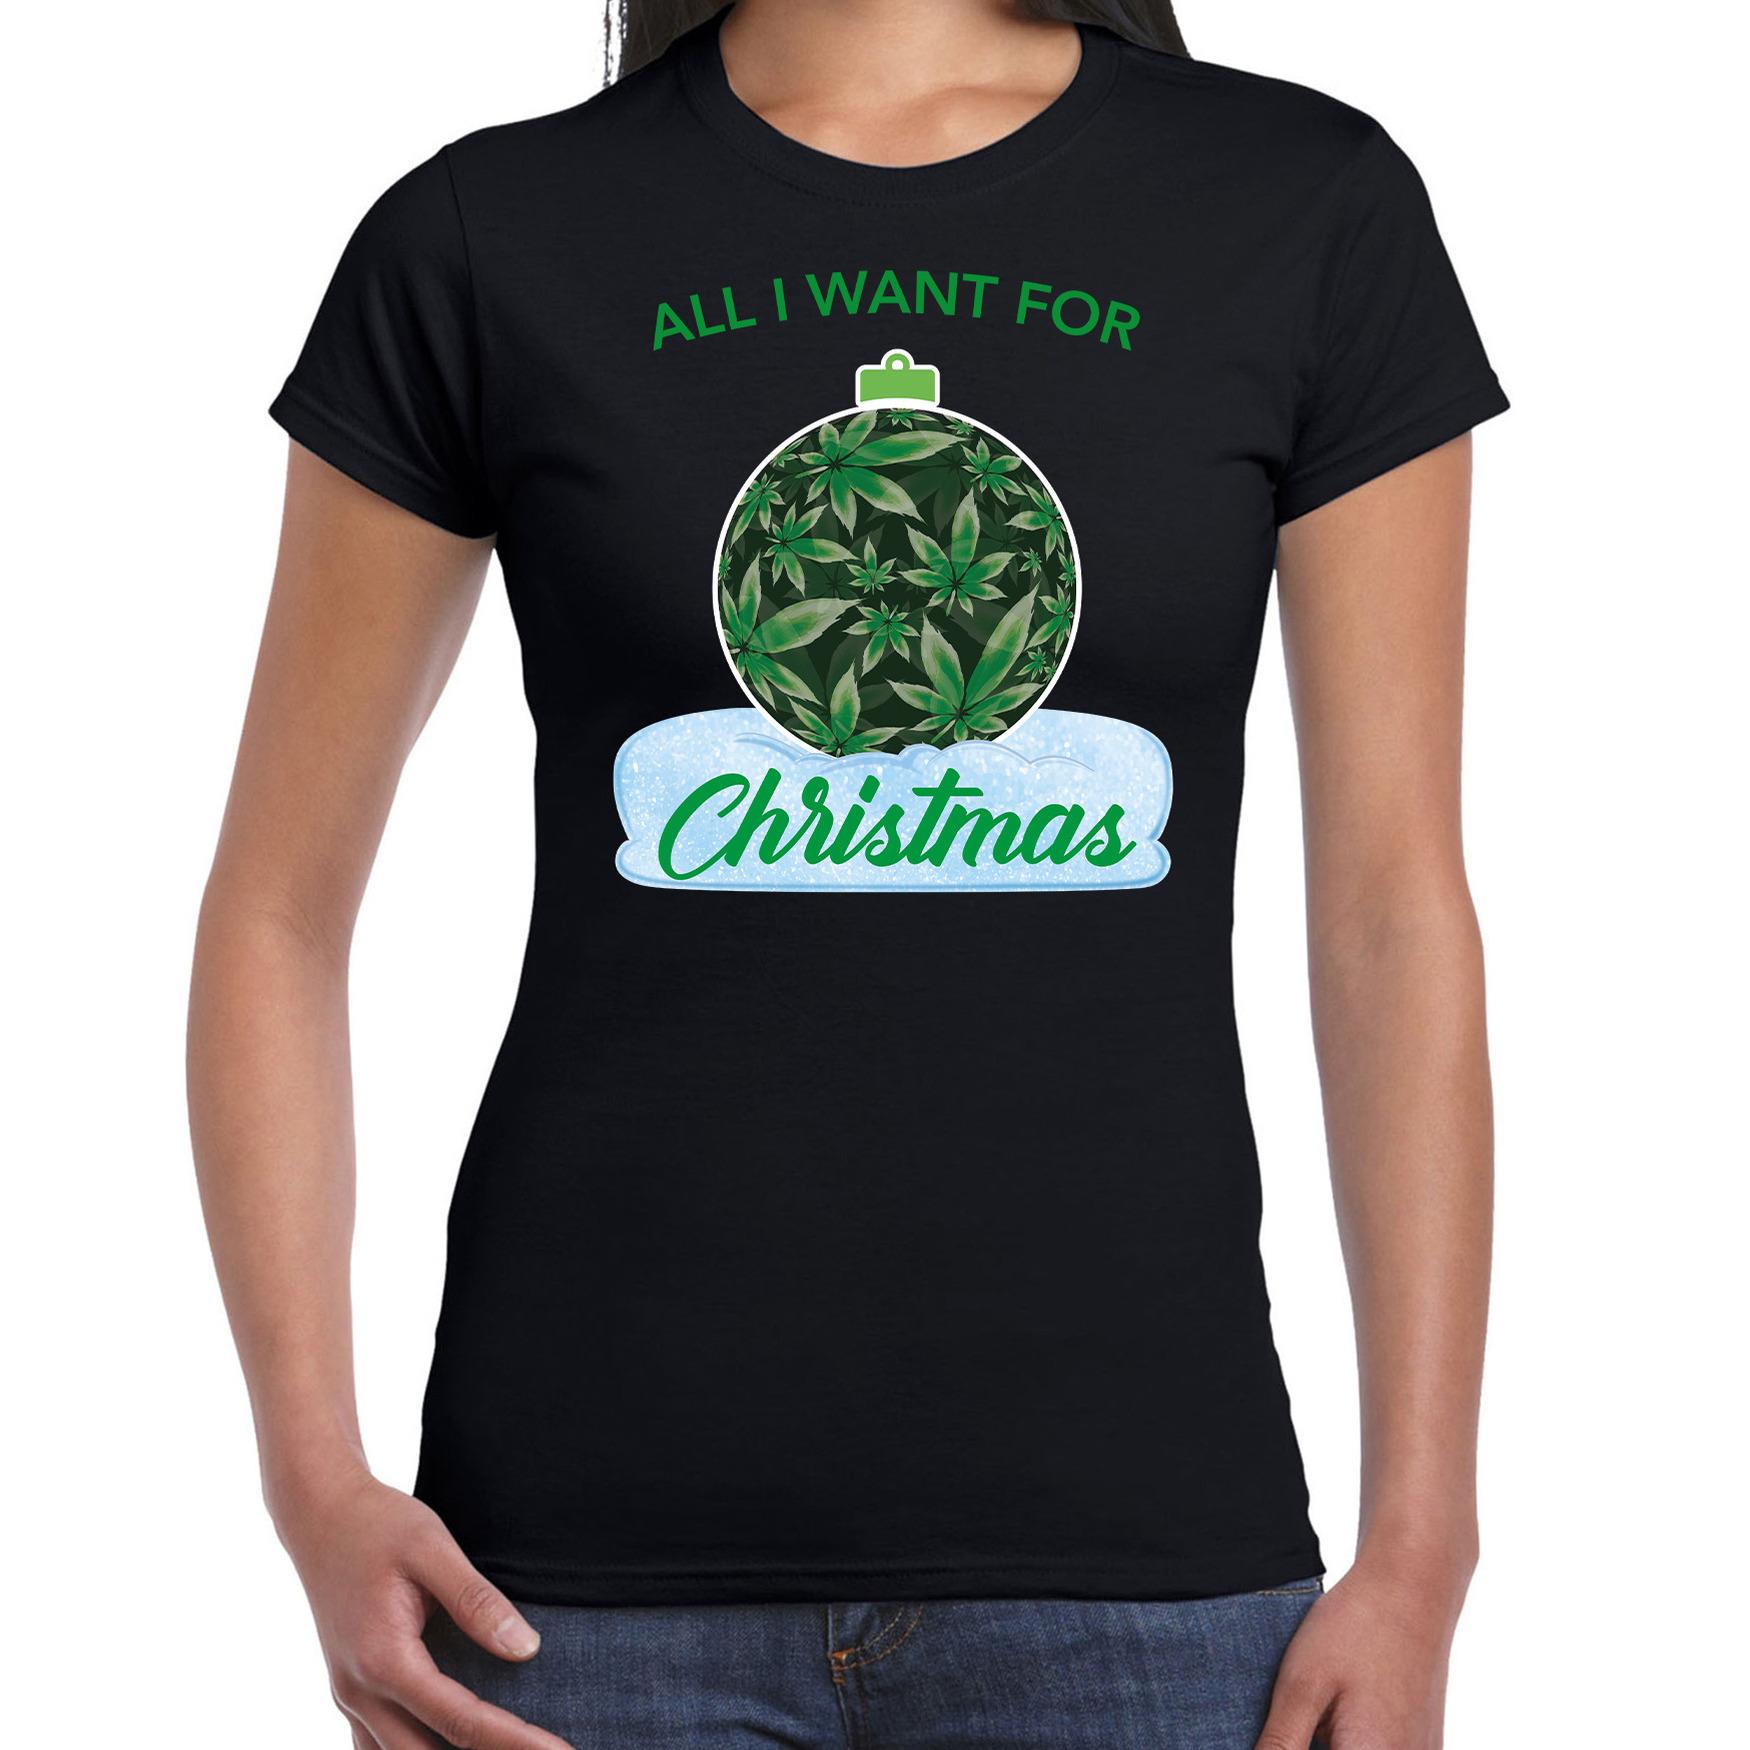 Wiet kerstbal shirt kerst t shirt all i want for christmas zwart voor dames